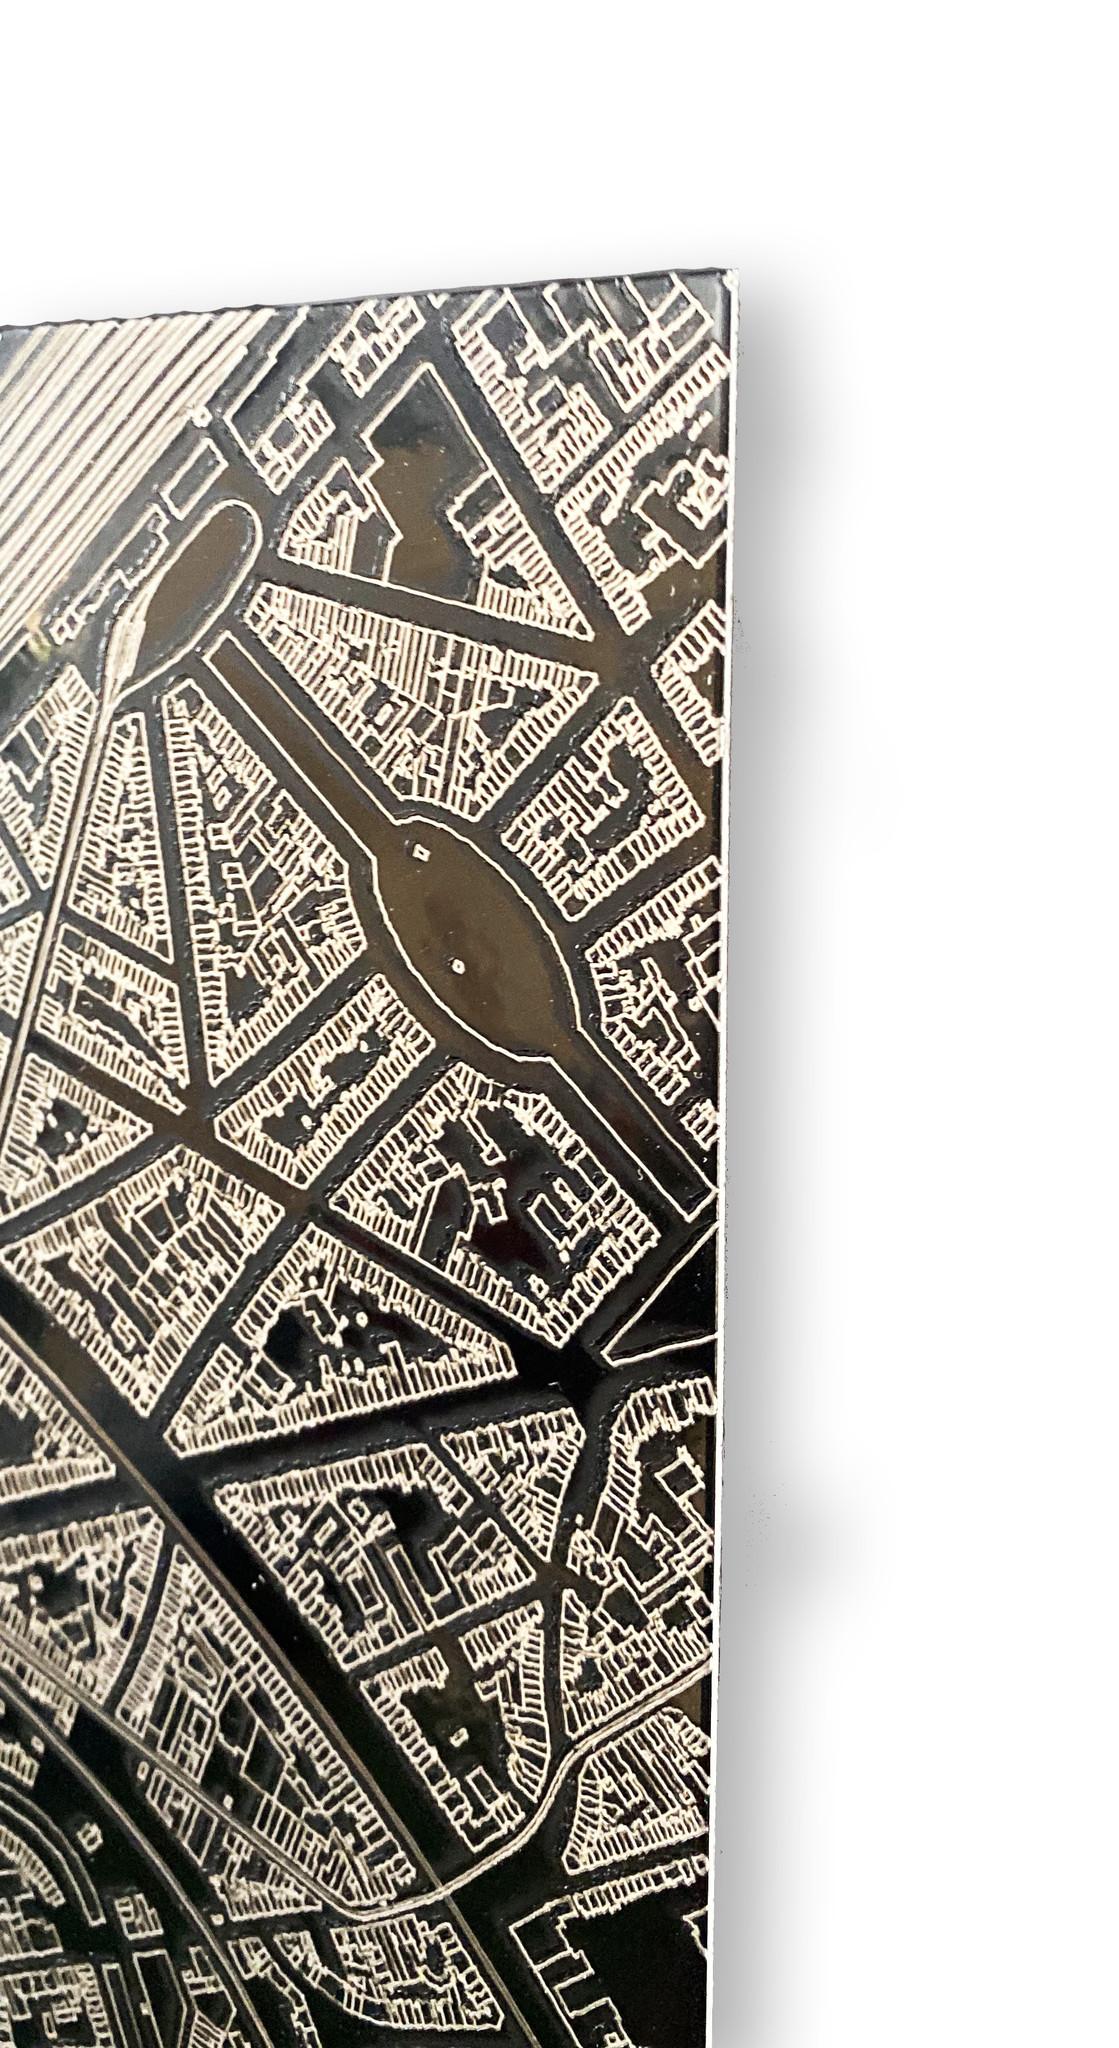 Stadtkarte Drachten | Aluminium Wanddekoration-7